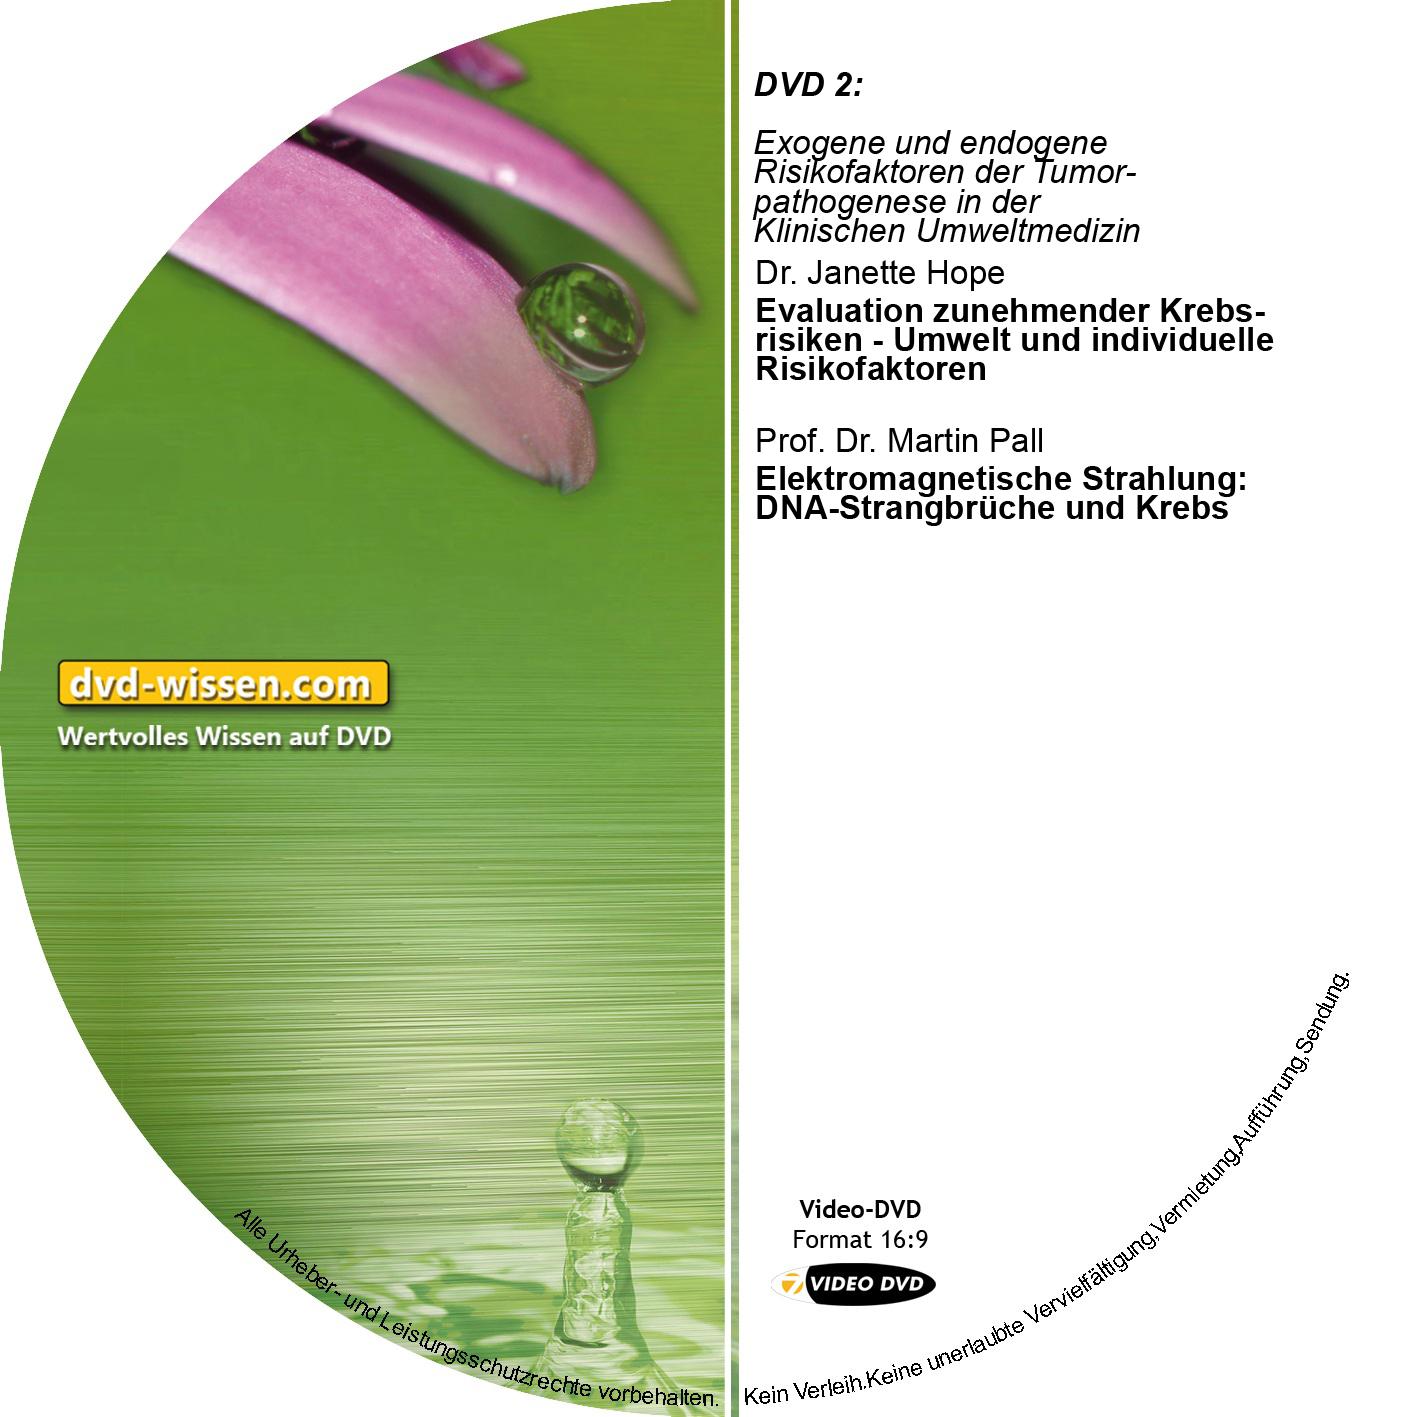 Teil 2: Exogene und endogene Risikofaktoren der  Tumorpathogenese in der Klinischen Umweltmedizin